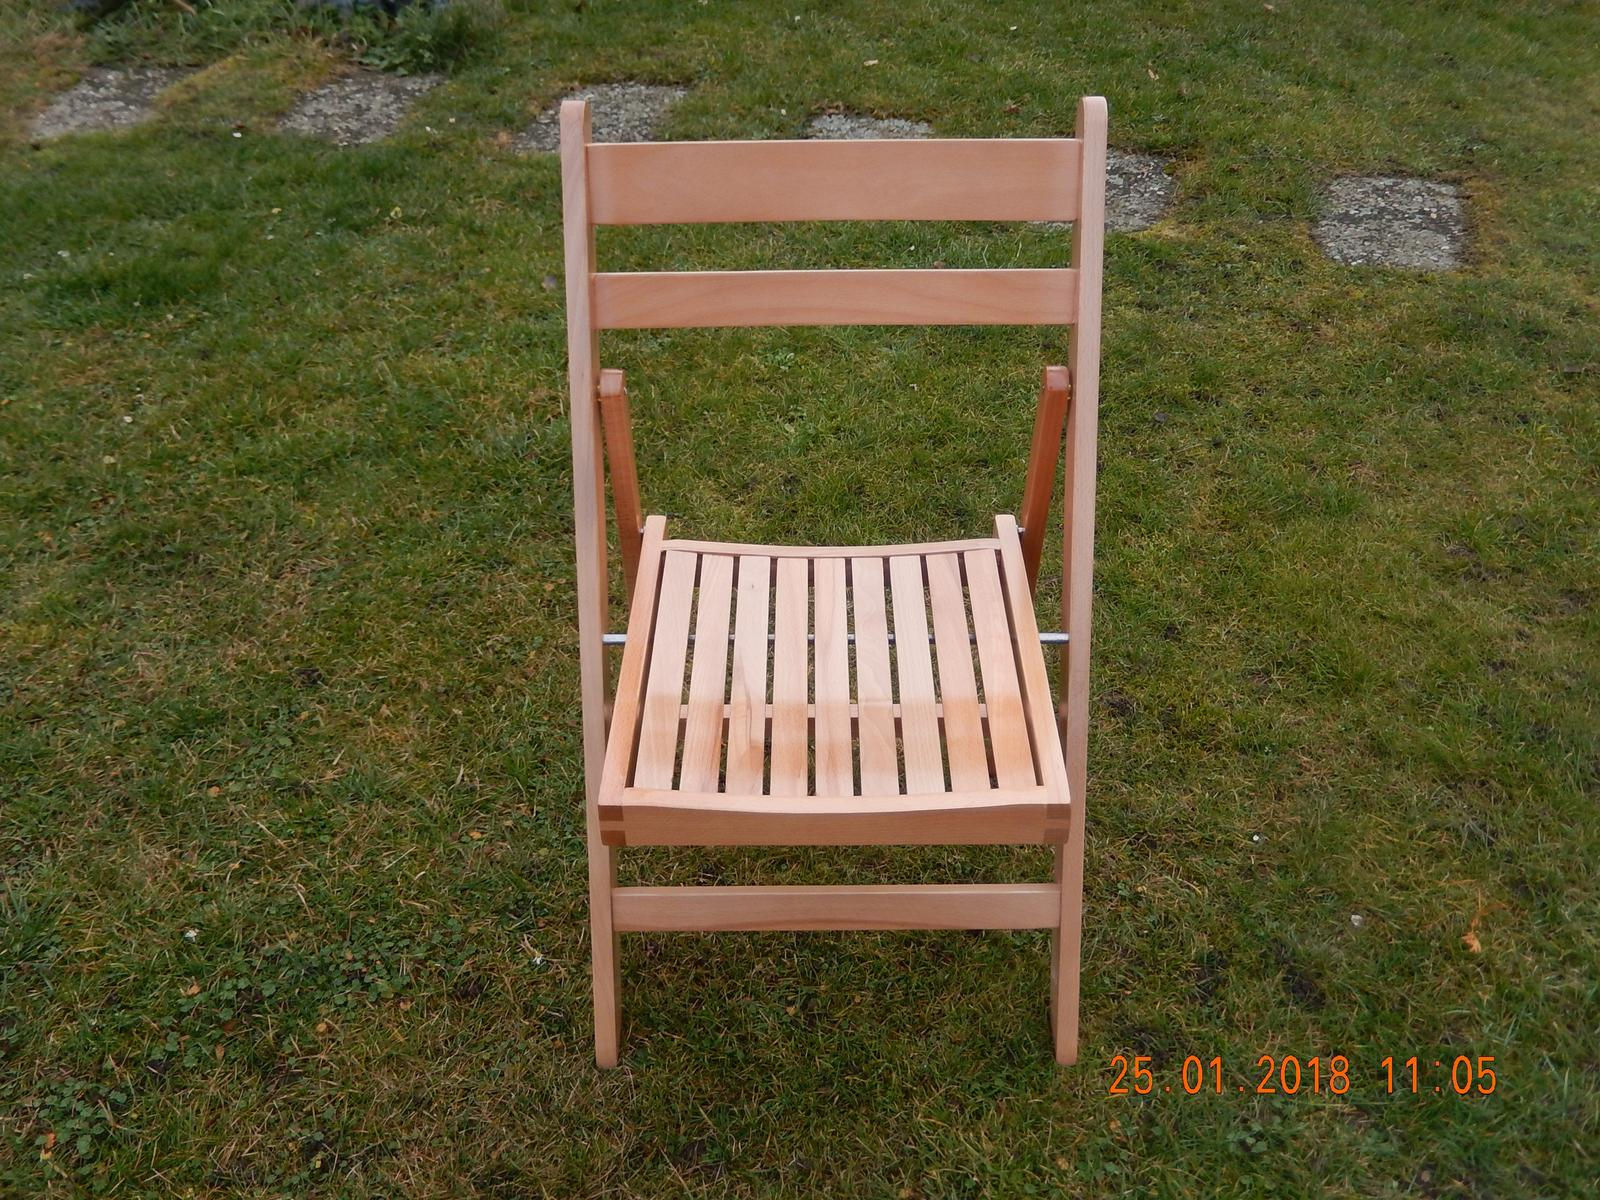 Půjčení dřevěných židlí. - Obrázek č. 2